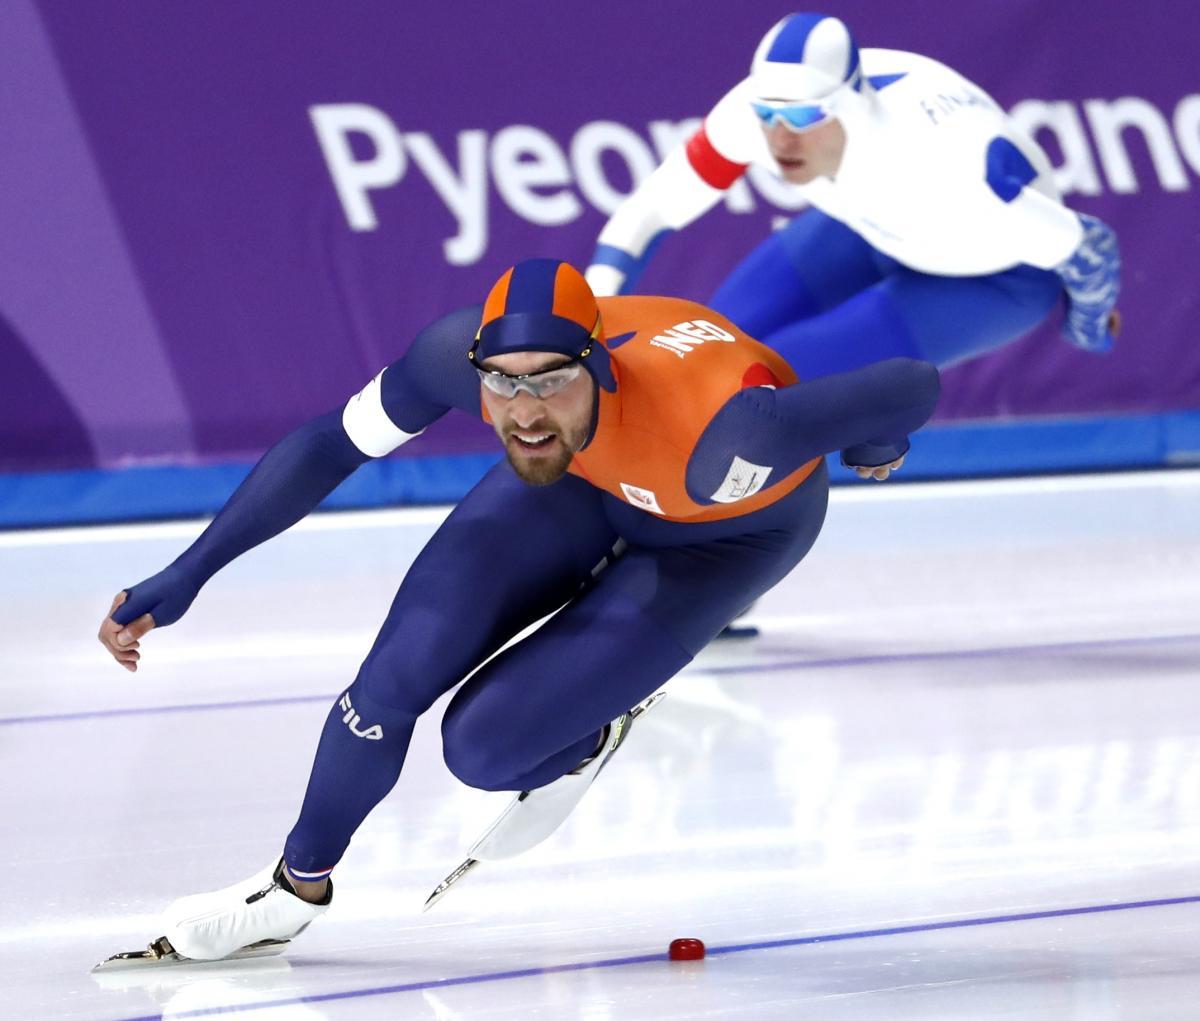 Олімпіада-2018: Щеодного спортсмена зРФ спіймали надопінгу